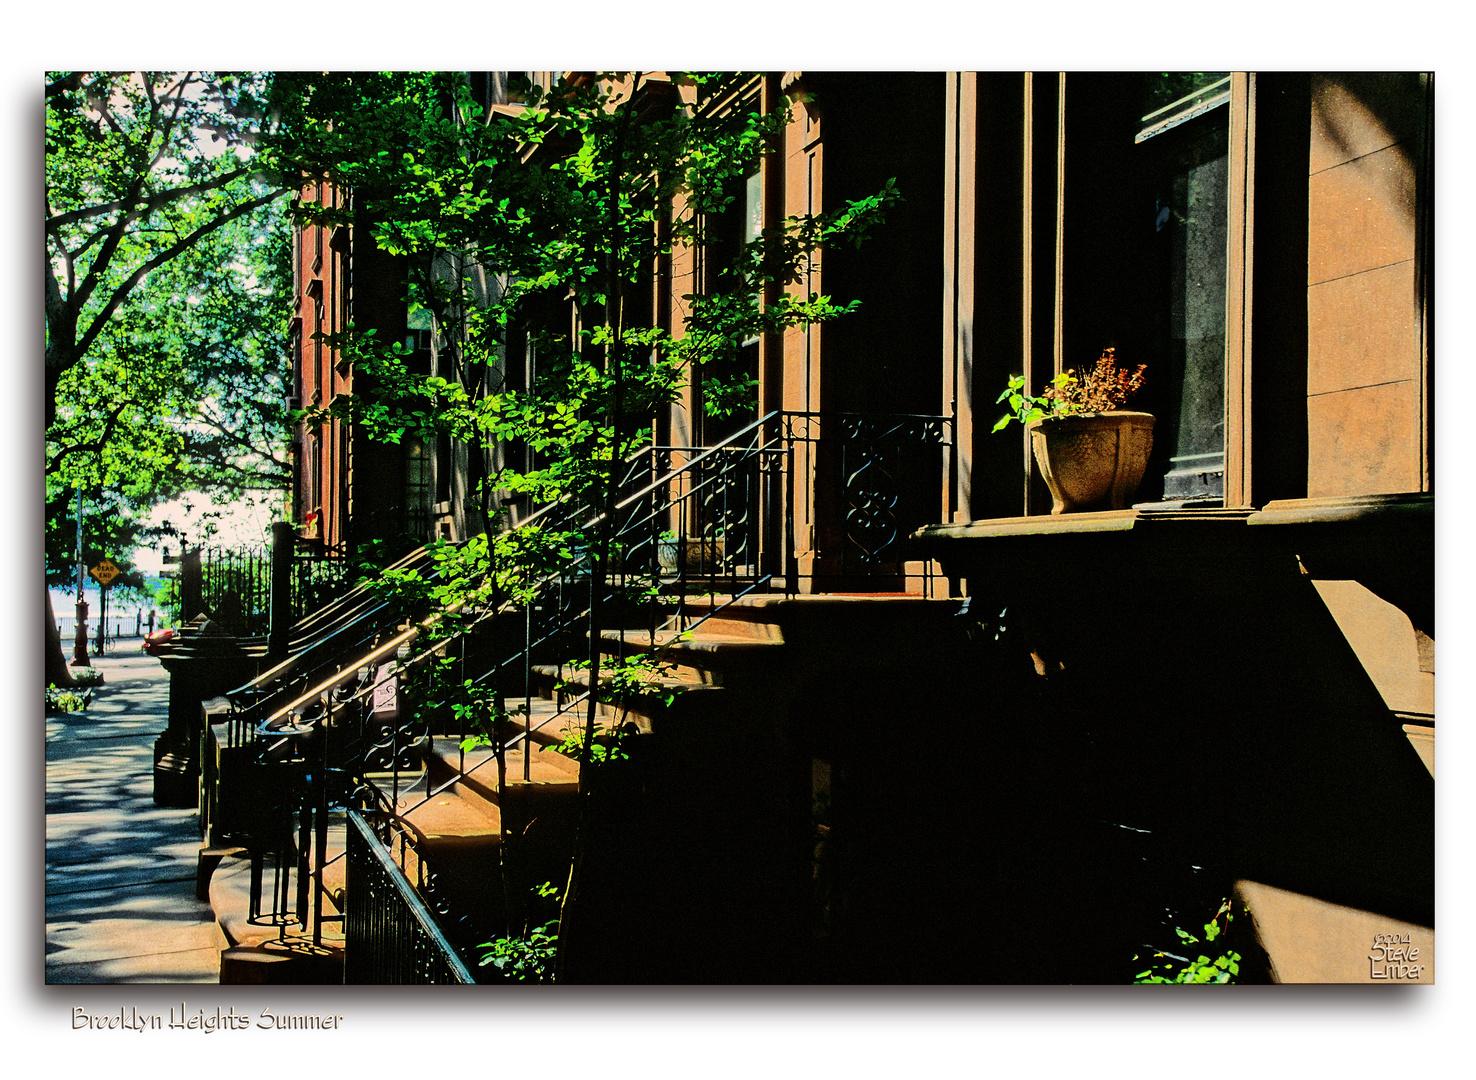 Brooklyn Heights Summer - No.1